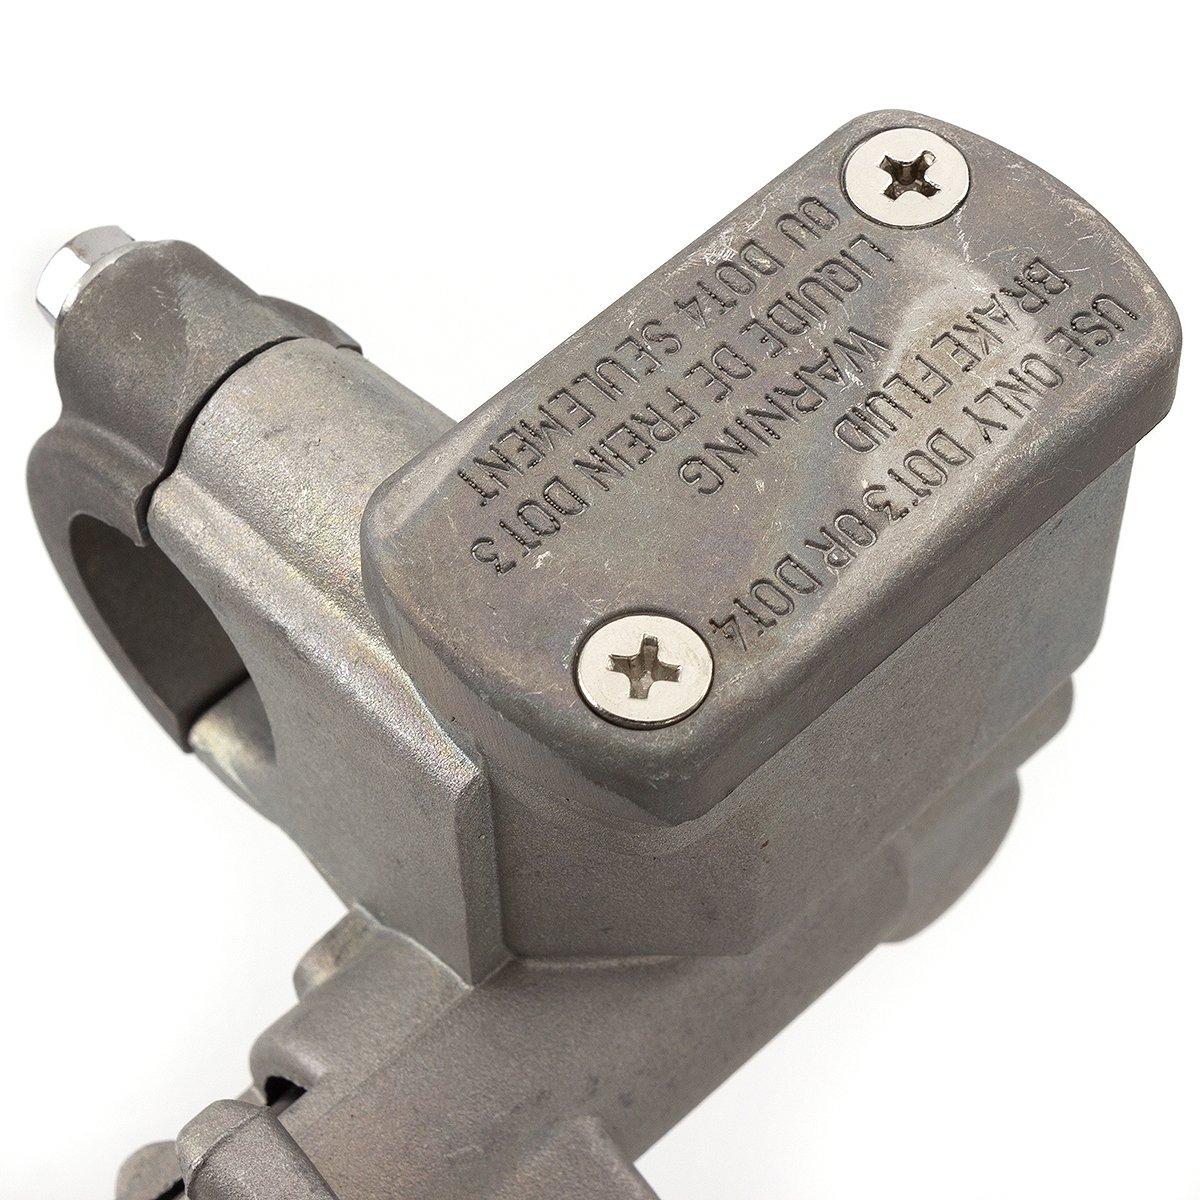 For Honda CR500R CRF150R CRF250R//X CNC Brake Master Cylinder Clutch Perch Levers